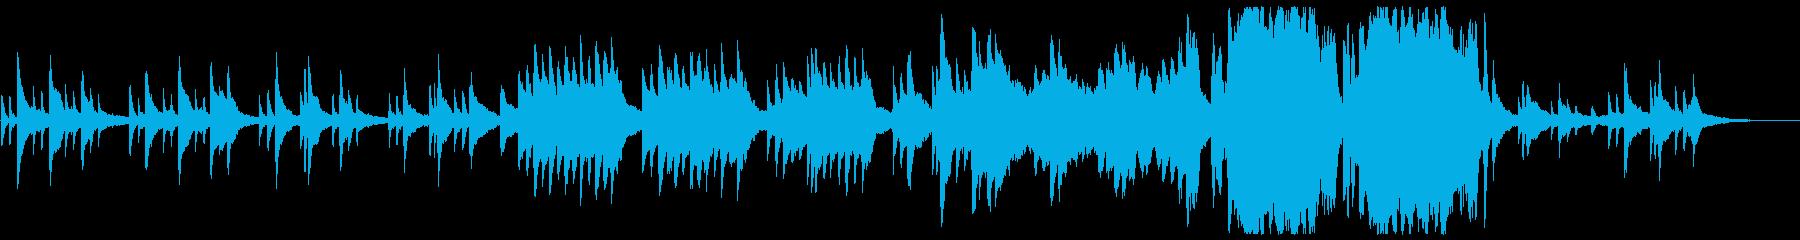 和を意識したピアノとストリングスの曲の再生済みの波形